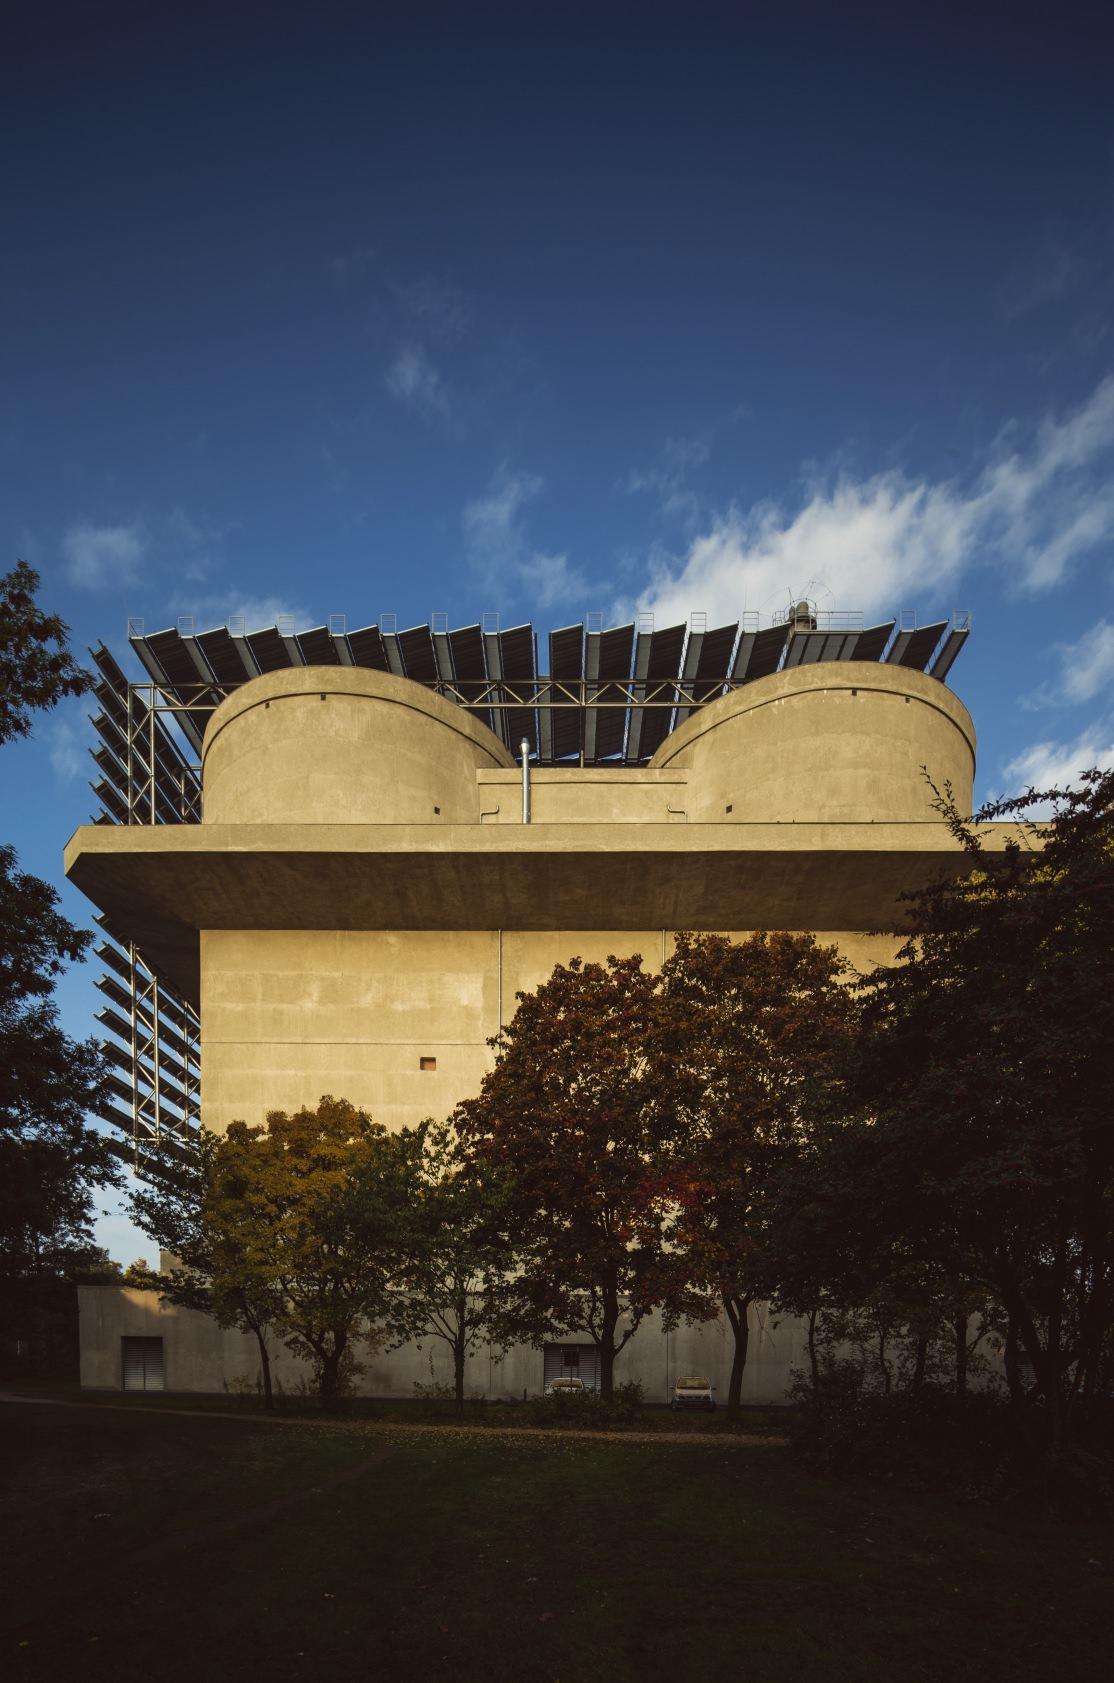 Hamburger Flakbunker wird zum Energiebunker. Mit dabei: Vakuumröhrenkollektoren. Foto: Ritter